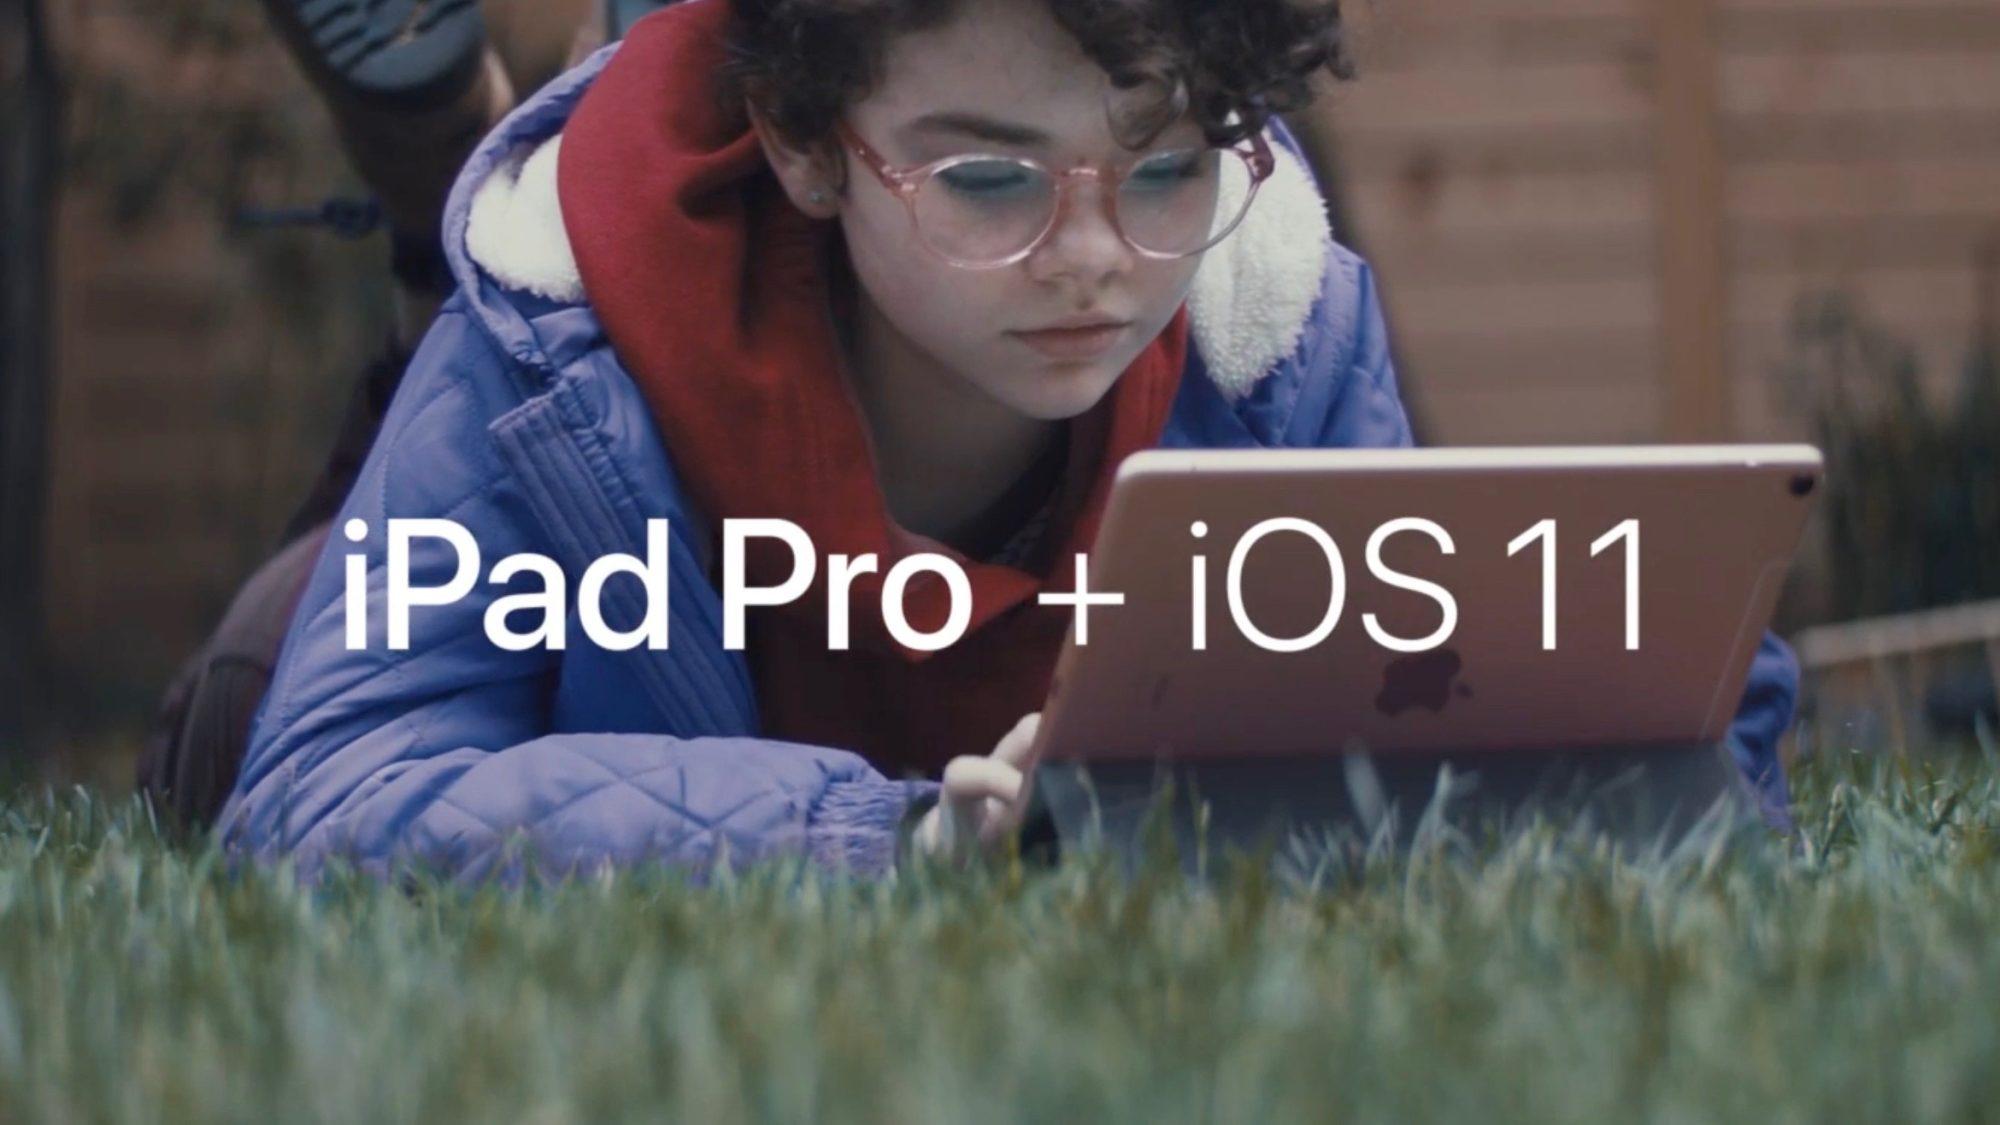 苹果新广告称iPad Pro可代替个人电脑